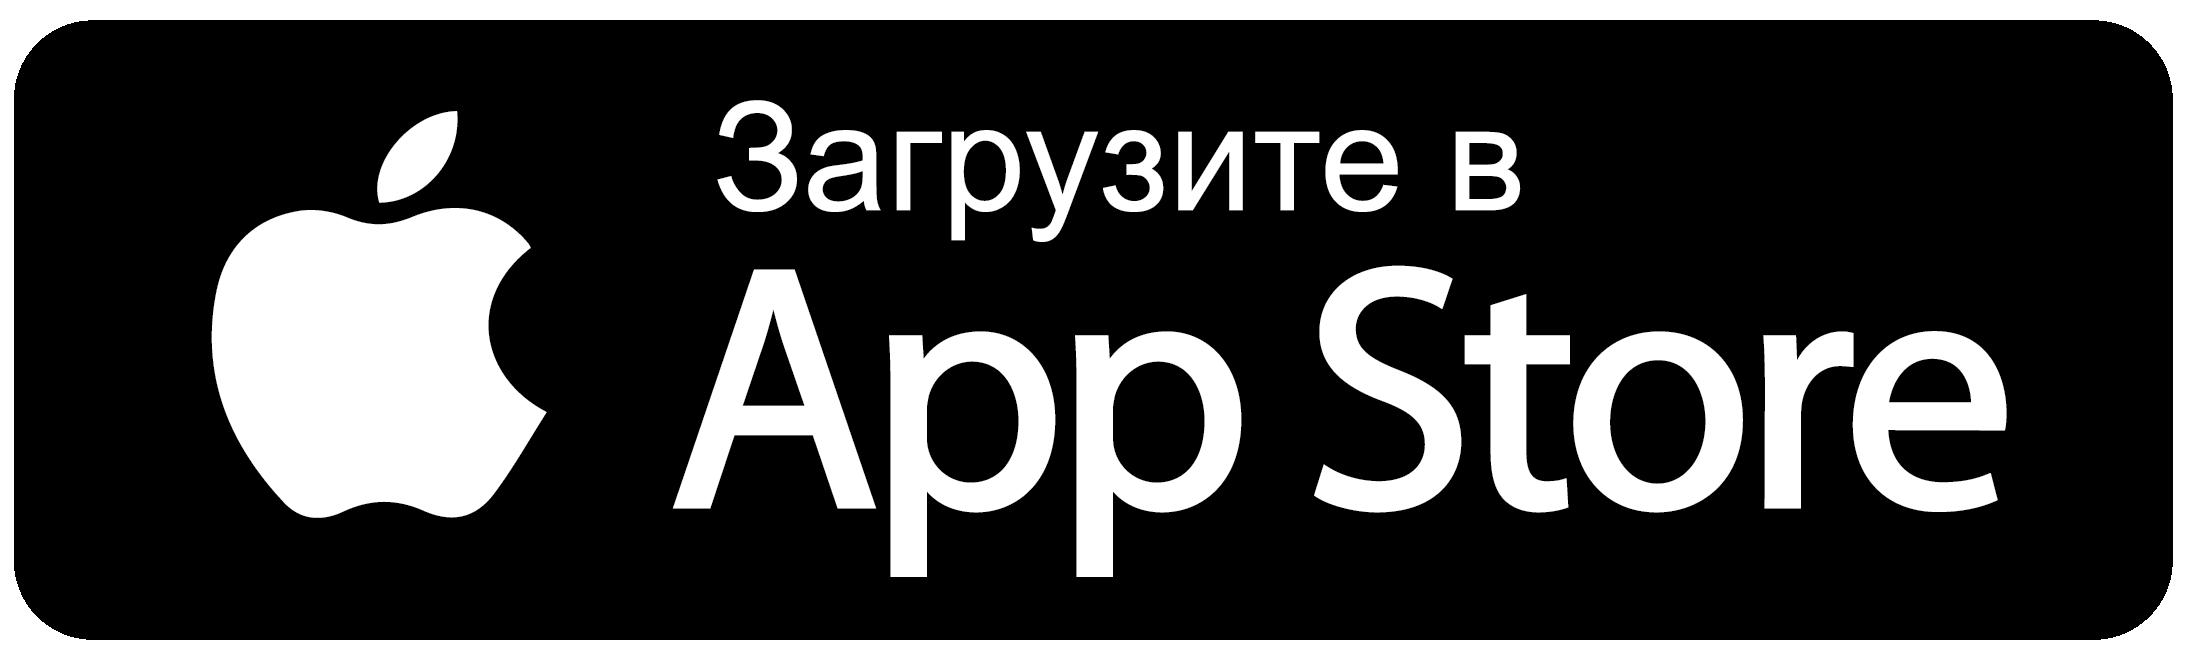 Загрузите приложение в App Store